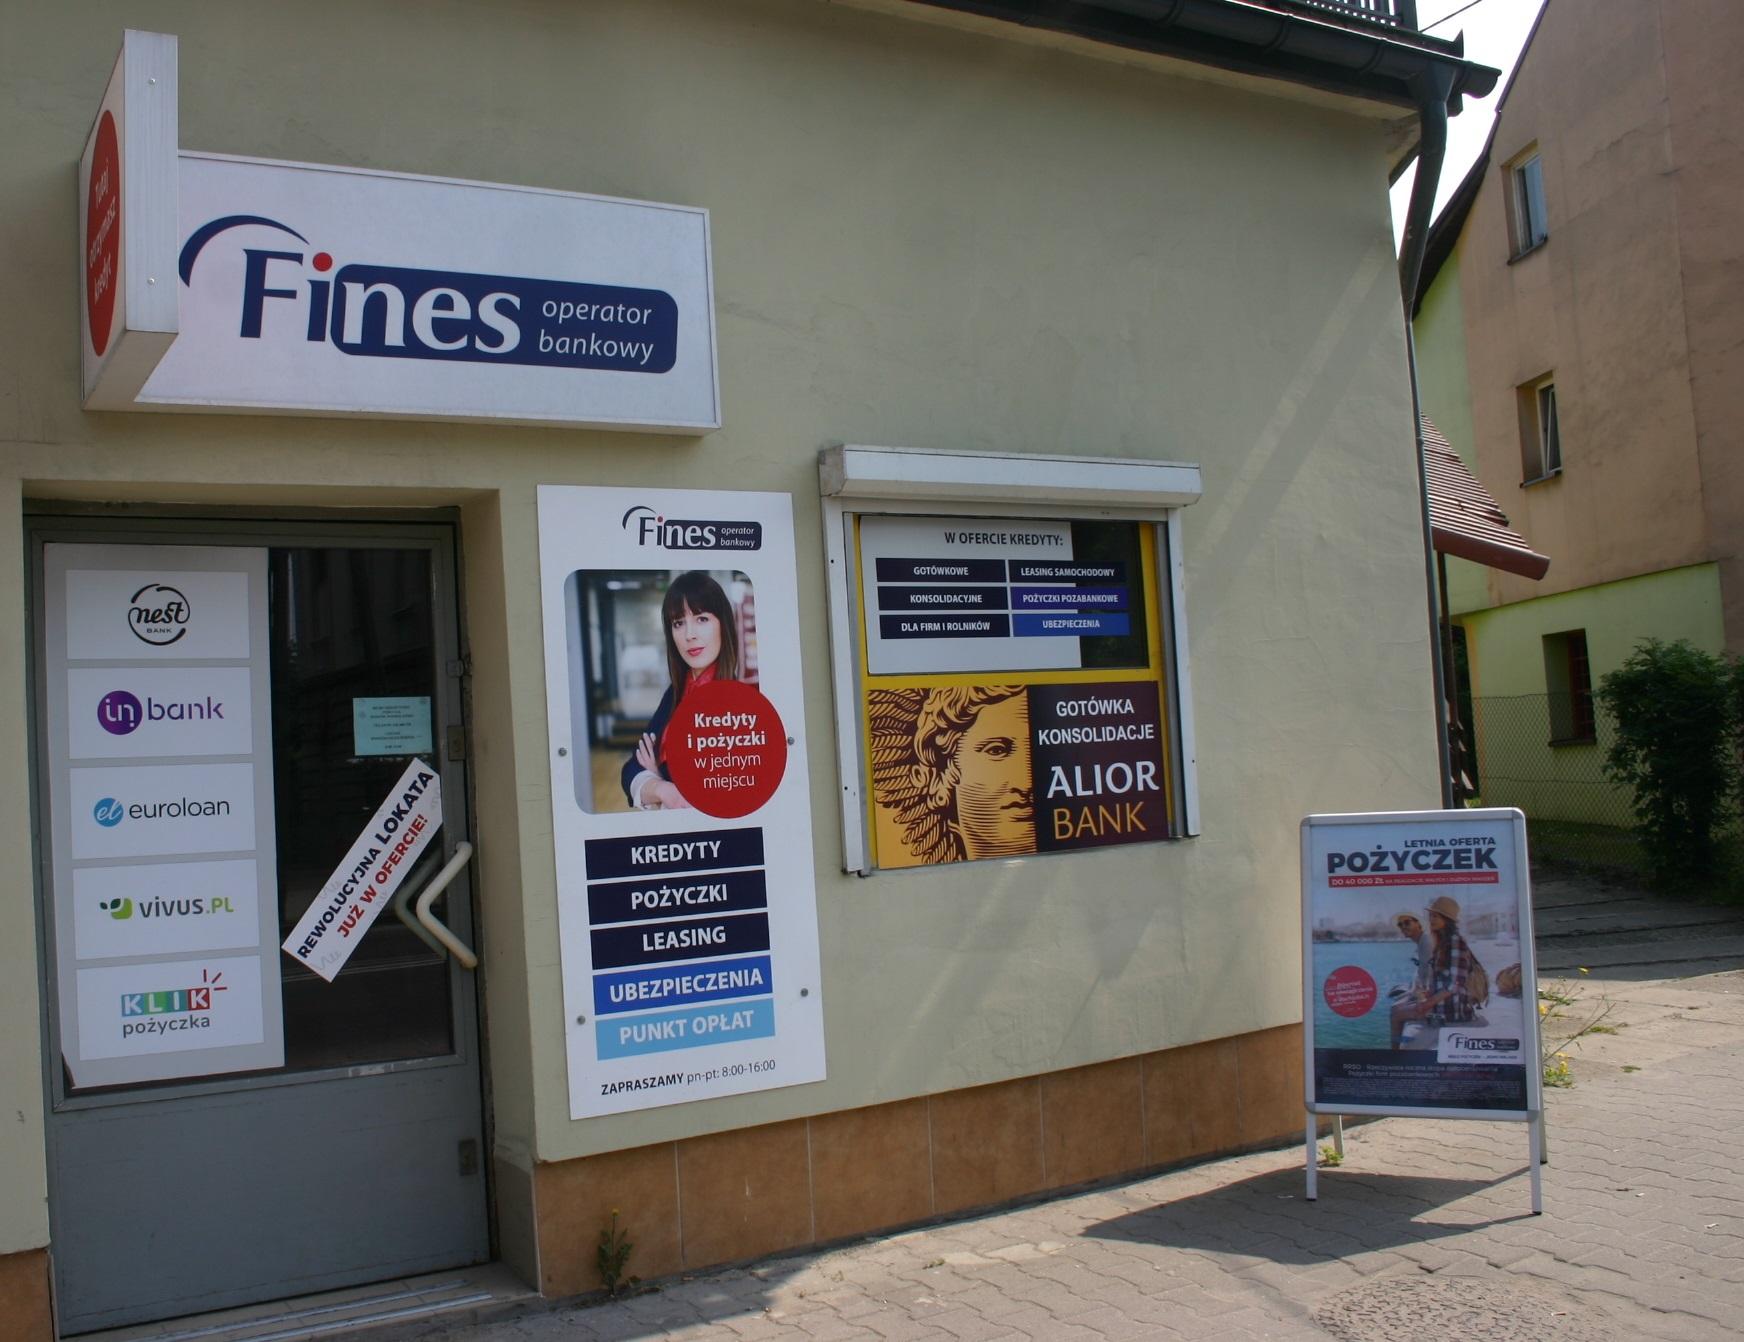 Fines Maków Podhalański